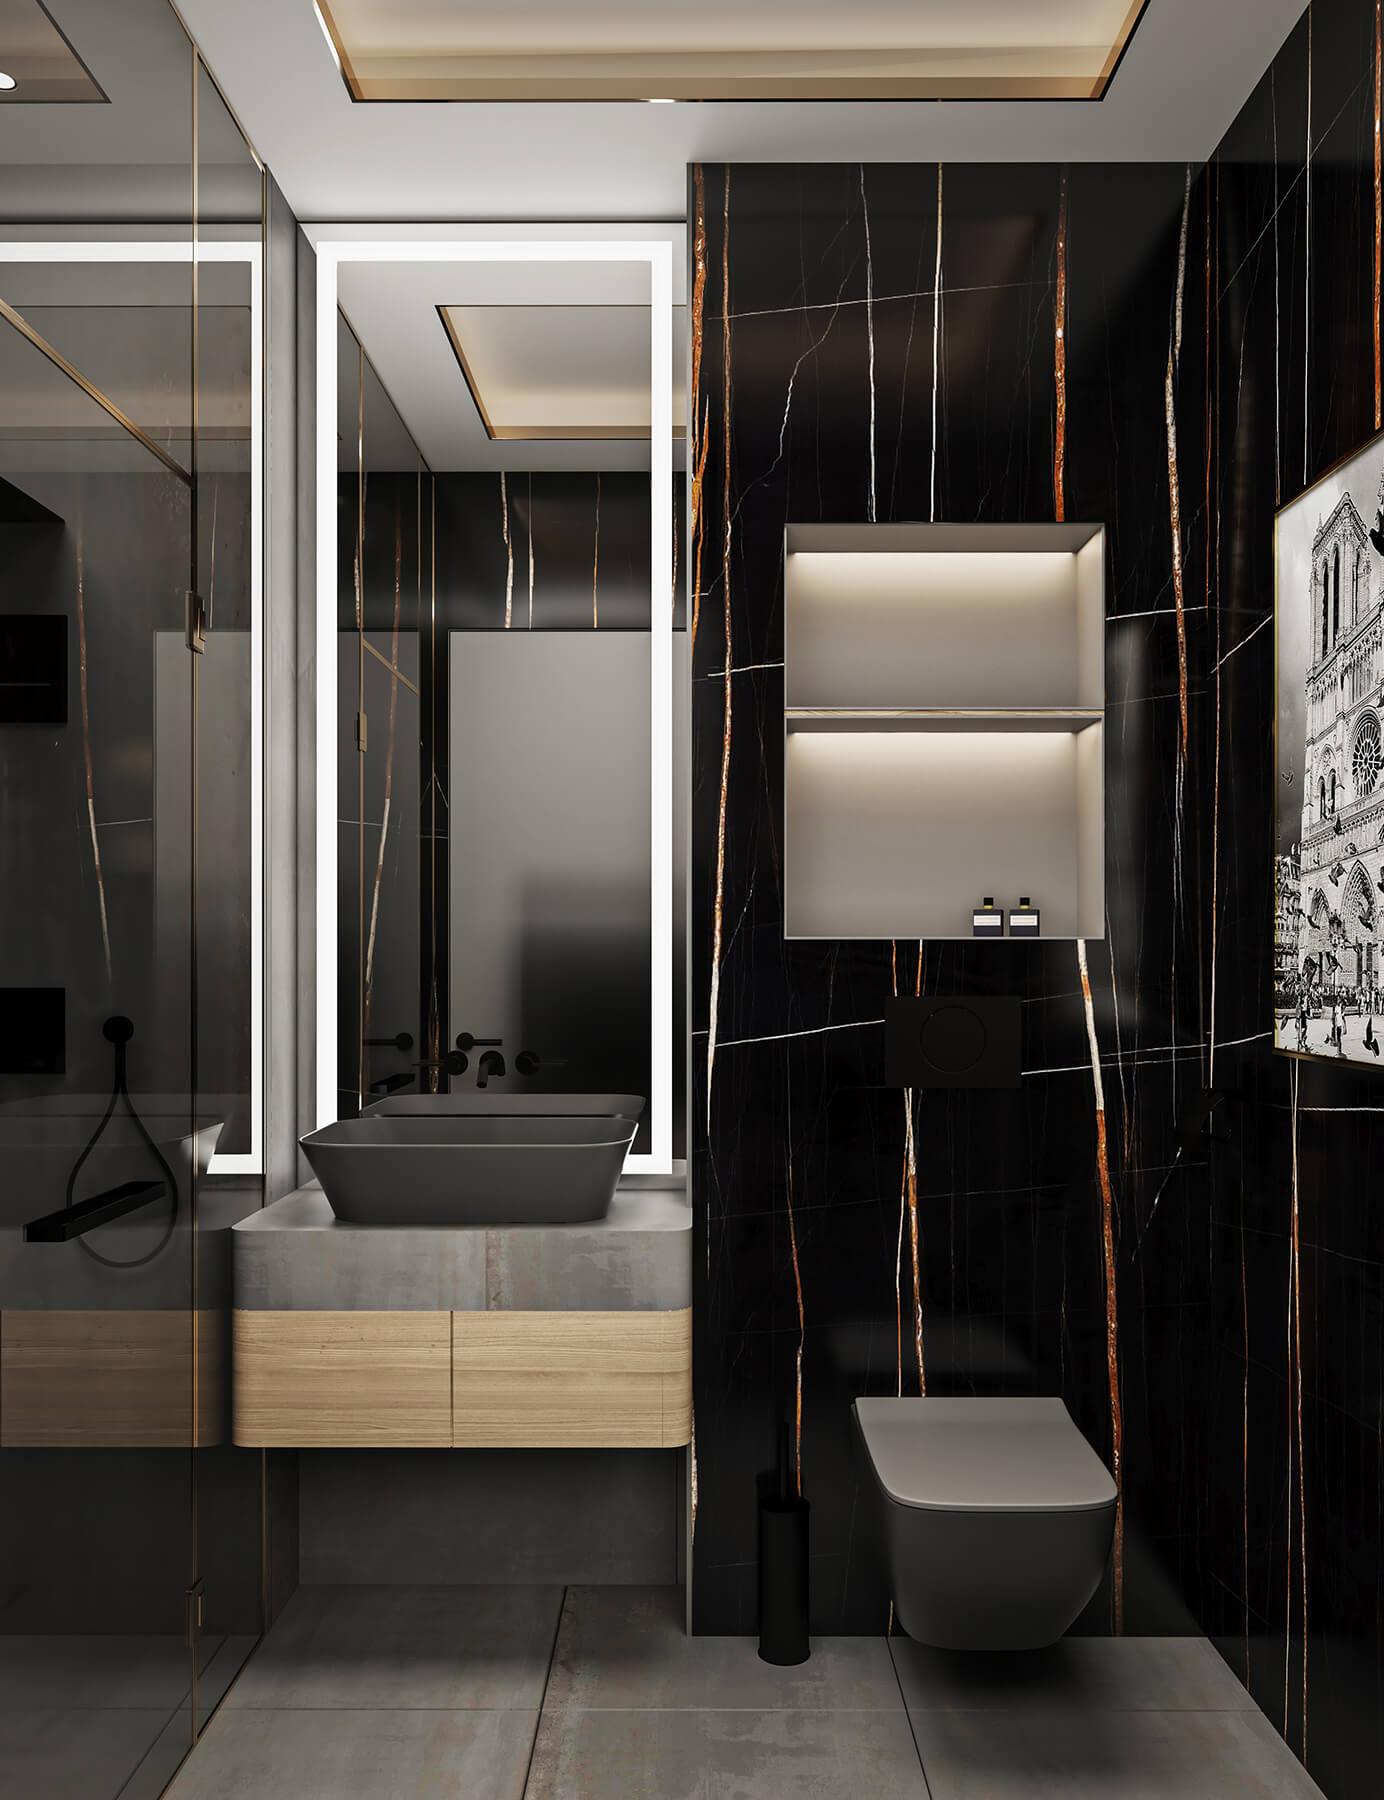 interioren dizain proekt na banya za gosti proekt orbis